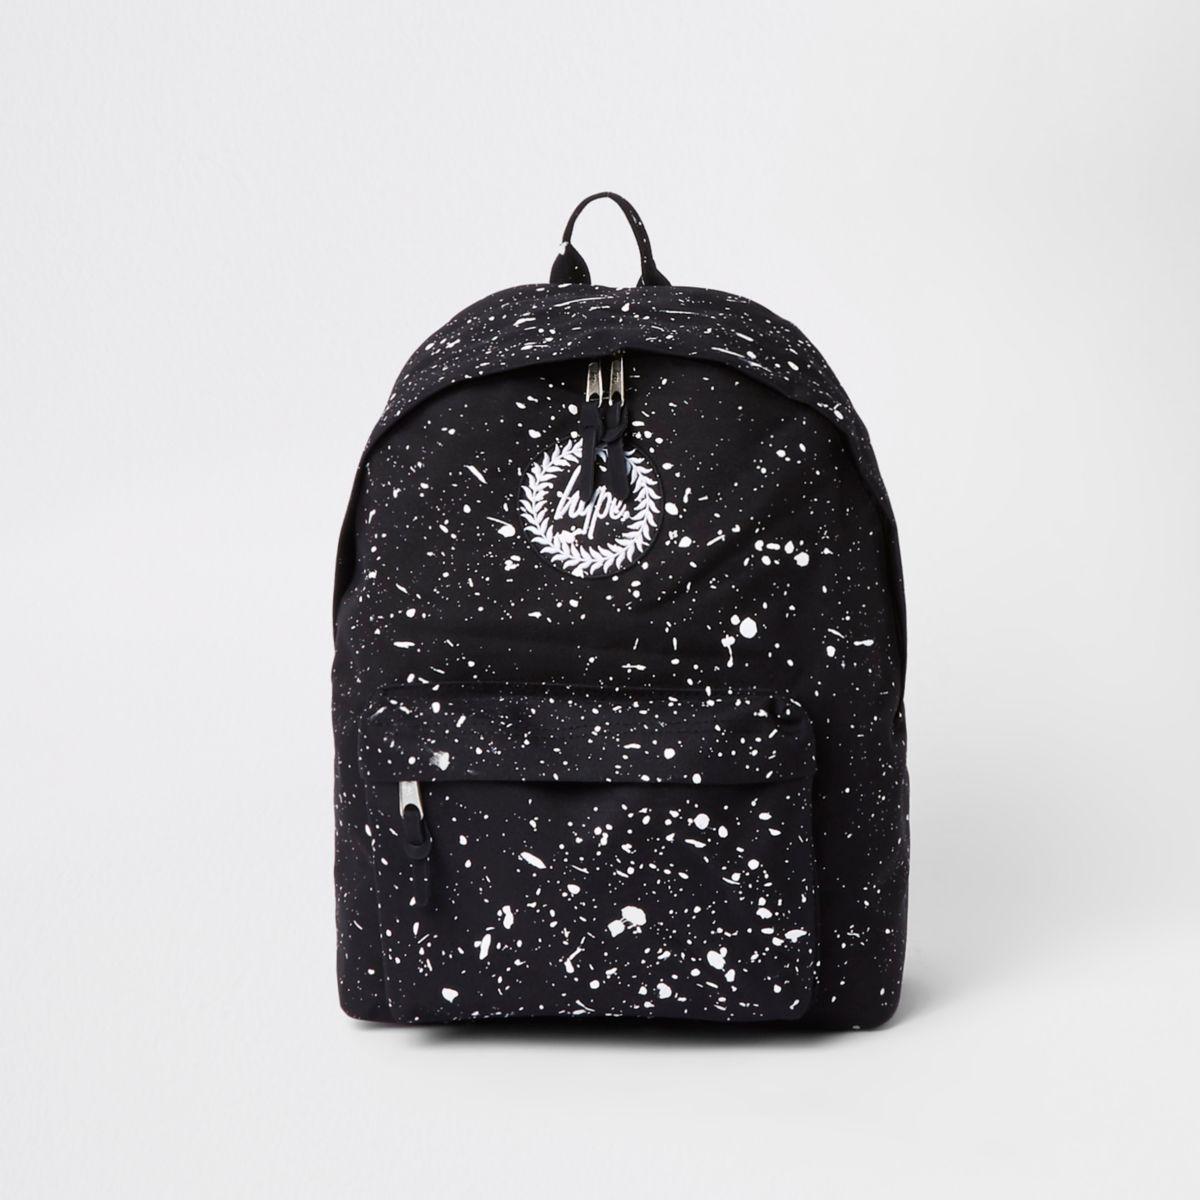 Hype – Sac à dos tacheté noir